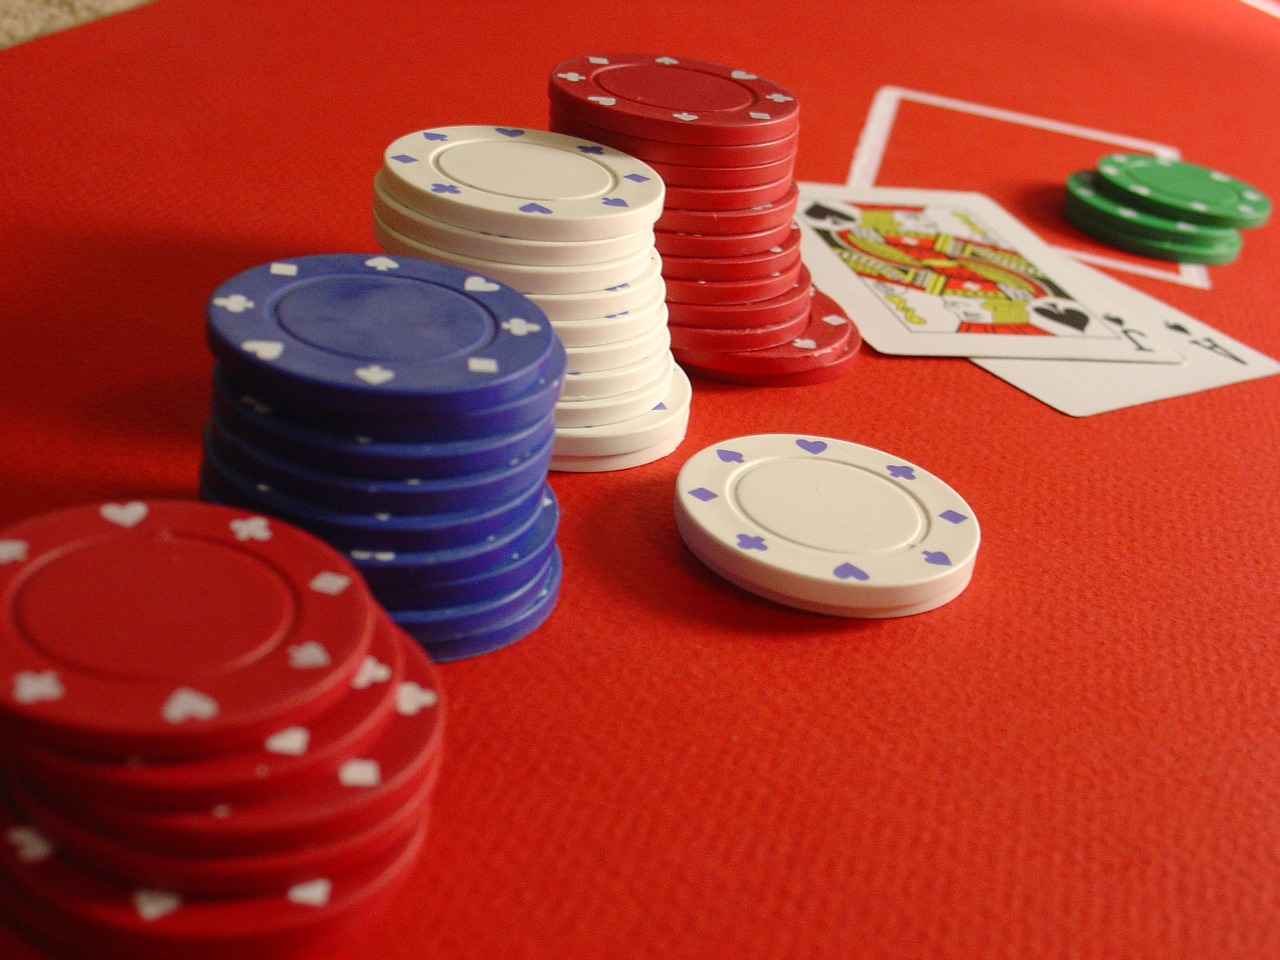 Pontoon pöytä pelimerkkeineen